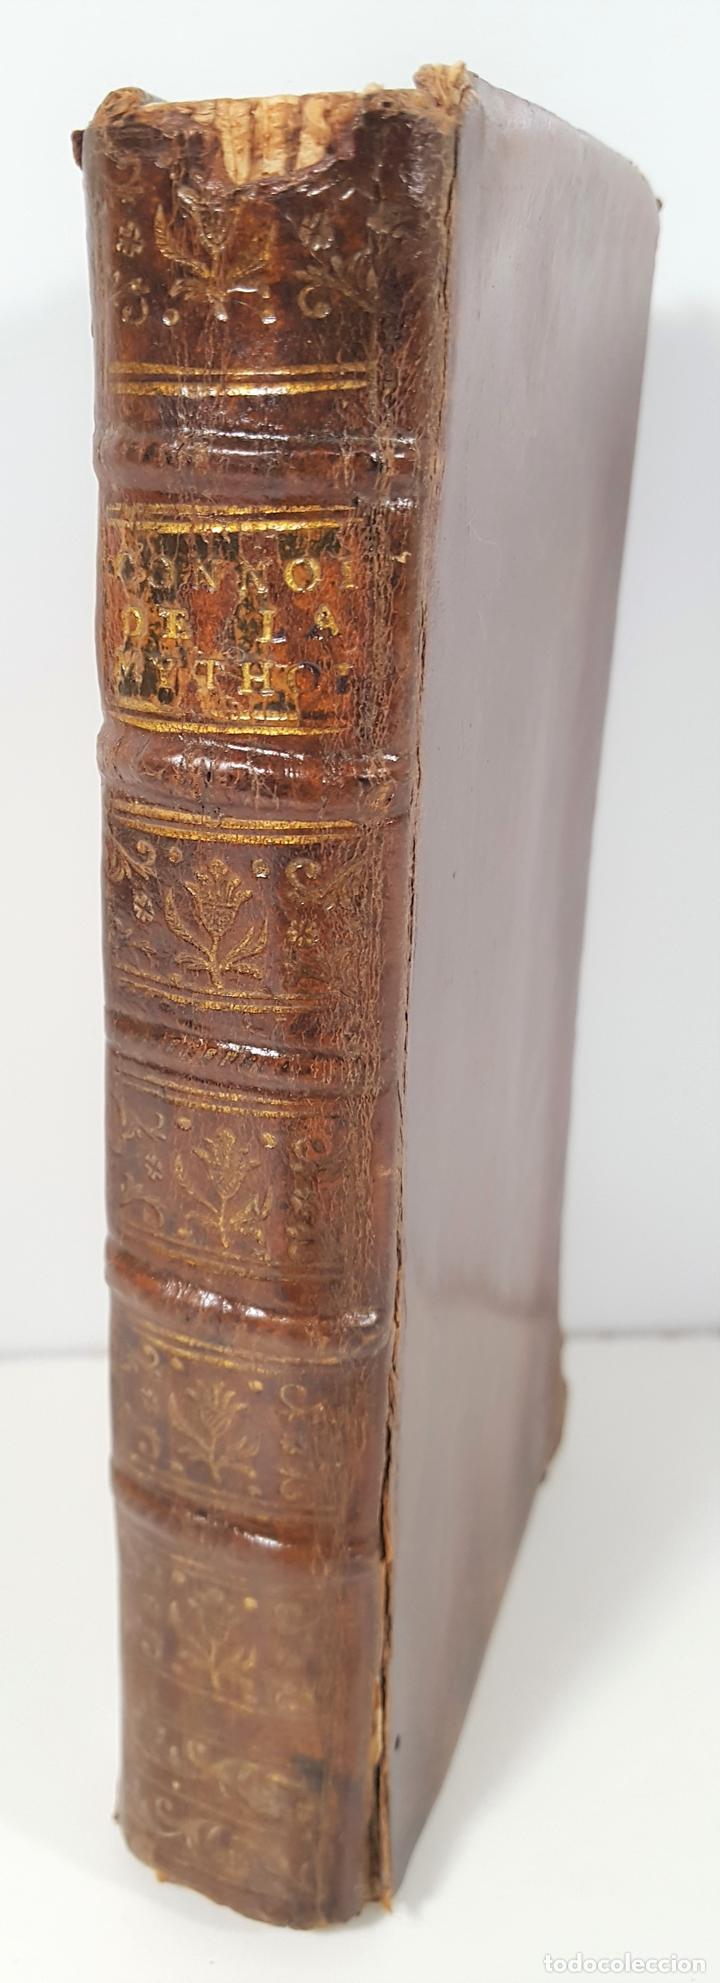 CONNOISSANCE DE LA MYTHOLOGIE PAR DEMANDES ET PAR RÉPONSES. LES FRERES PERISSE LYON. 1782. (Libros Antiguos, Raros y Curiosos - Pensamiento - Otros)